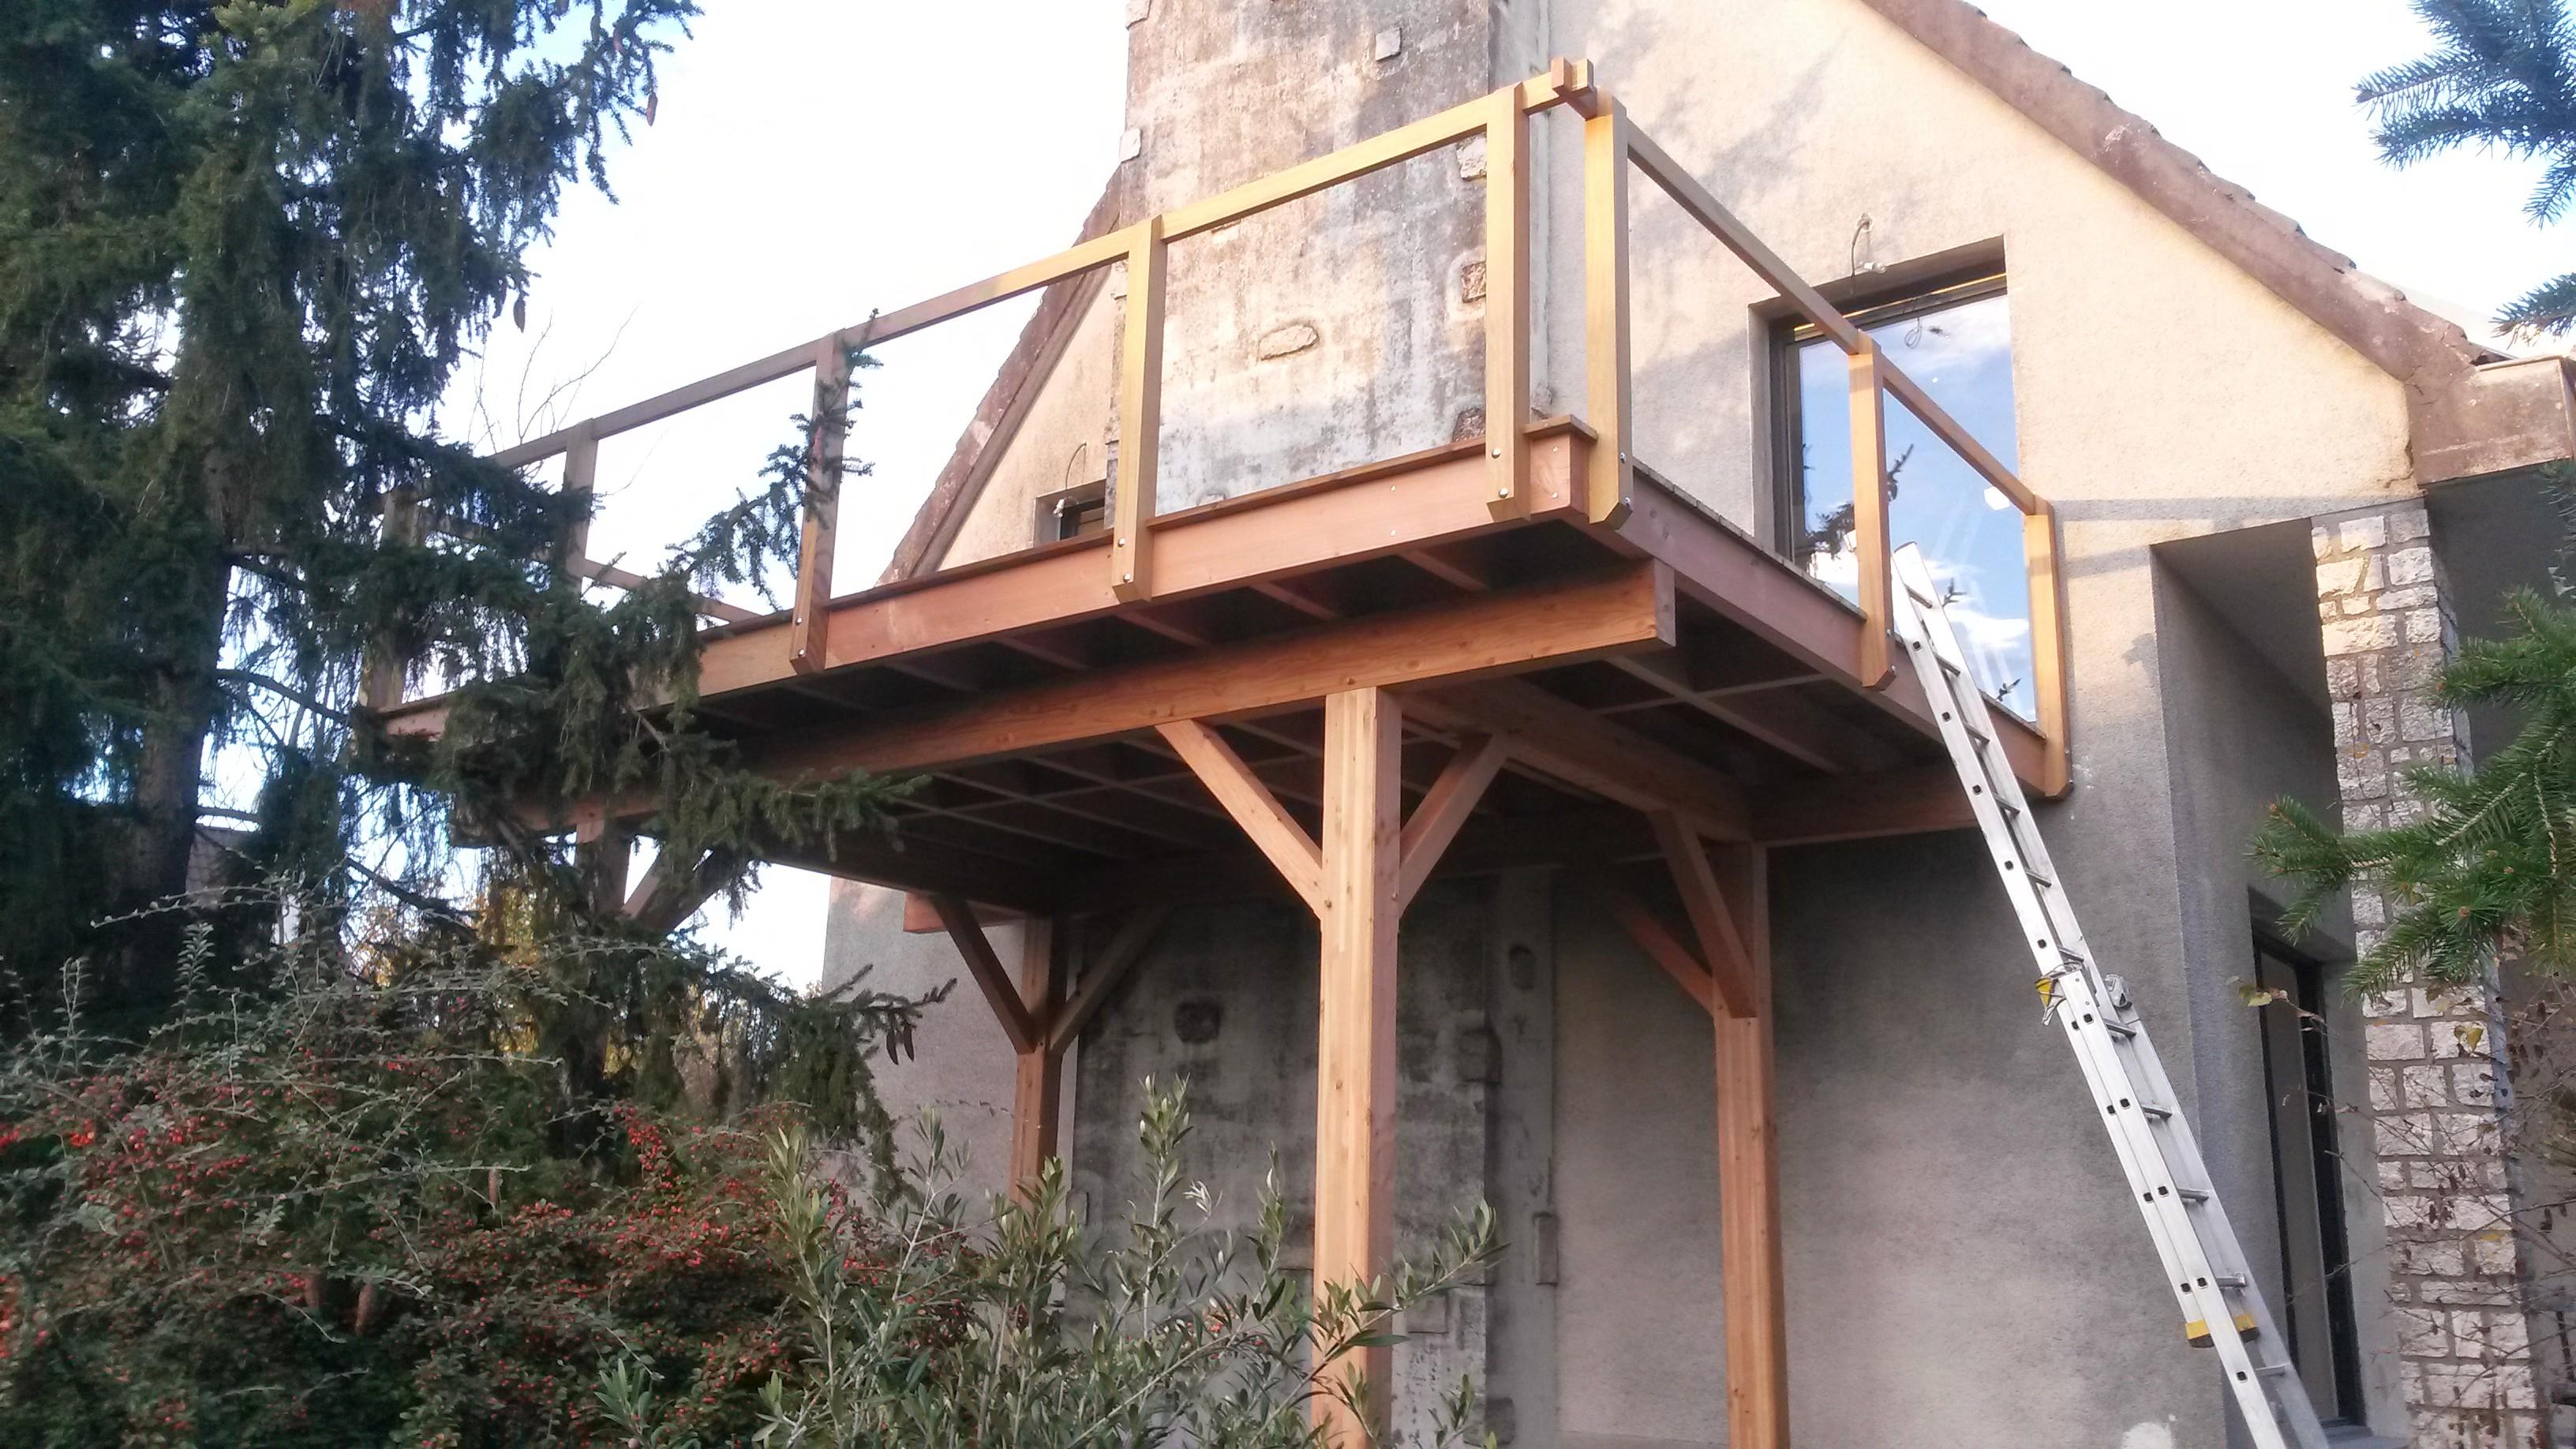 terrasse surelevee bois ou beton diverses. Black Bedroom Furniture Sets. Home Design Ideas